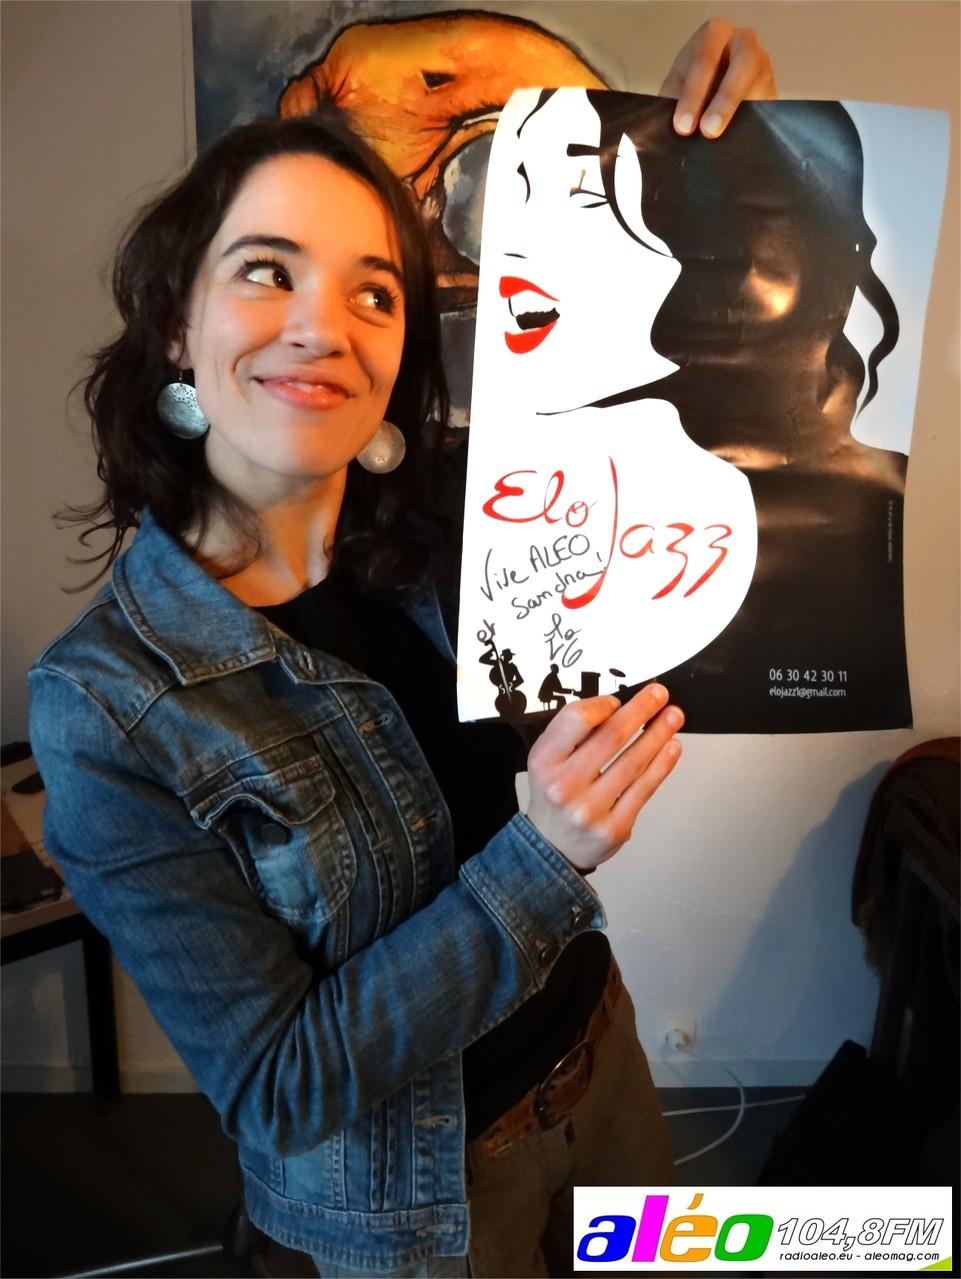 Elodie Bernigal